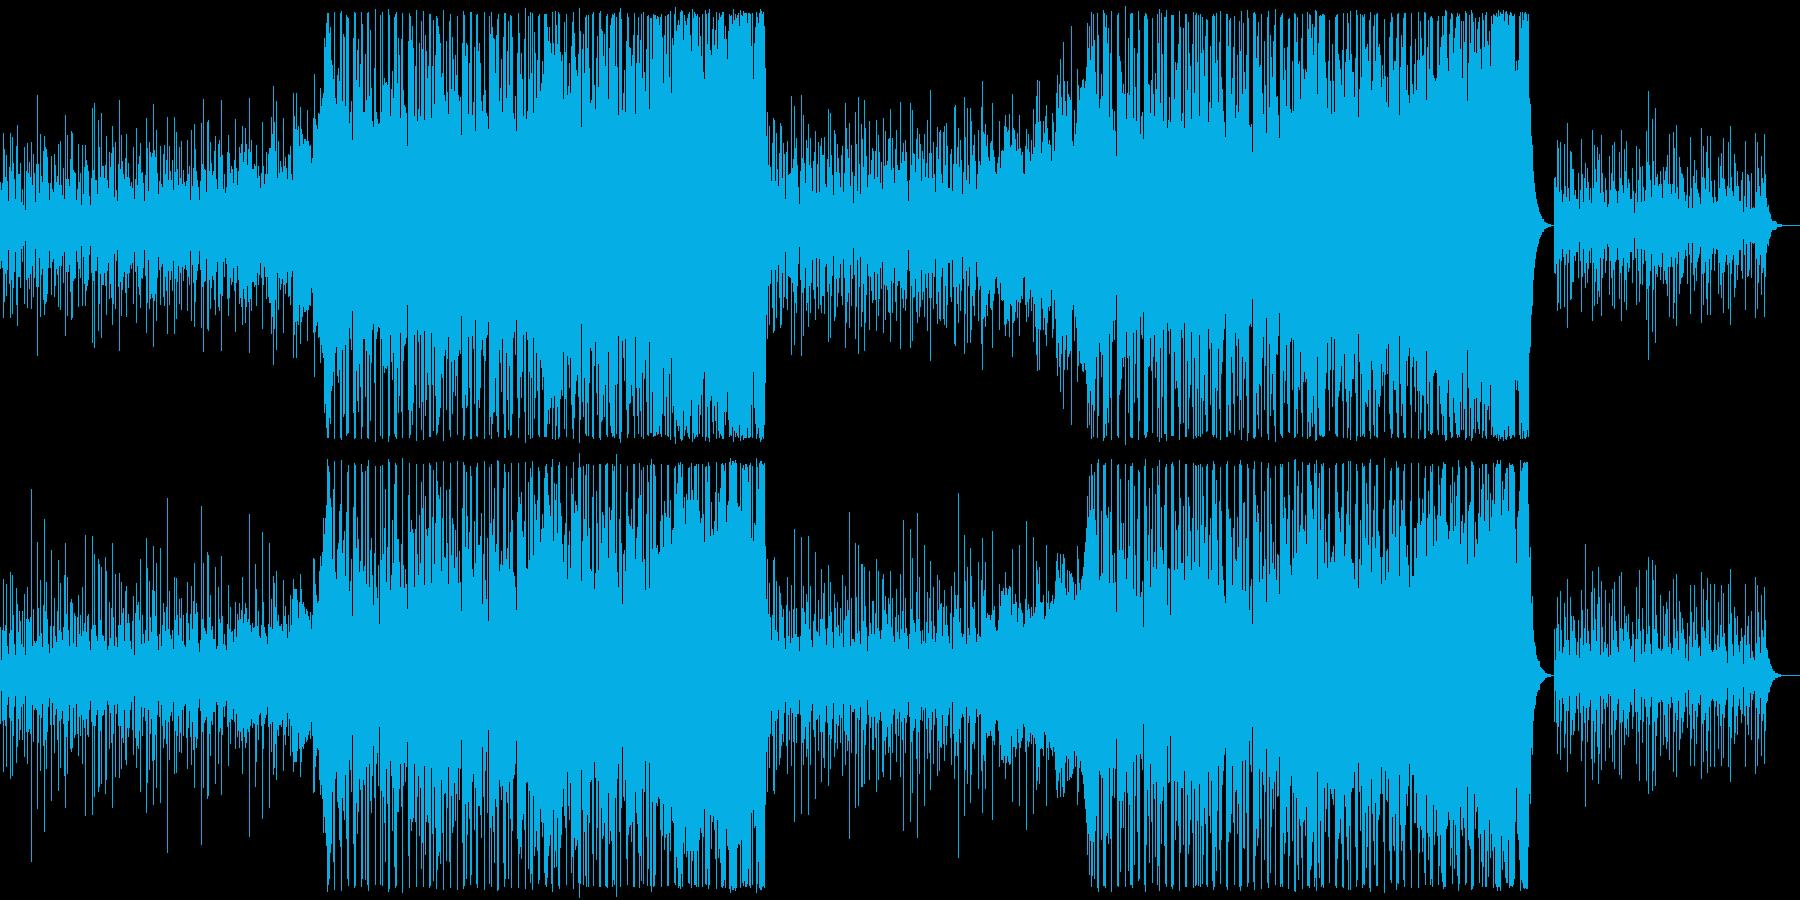 ノスタルジックでおしゃれなアコーステックの再生済みの波形